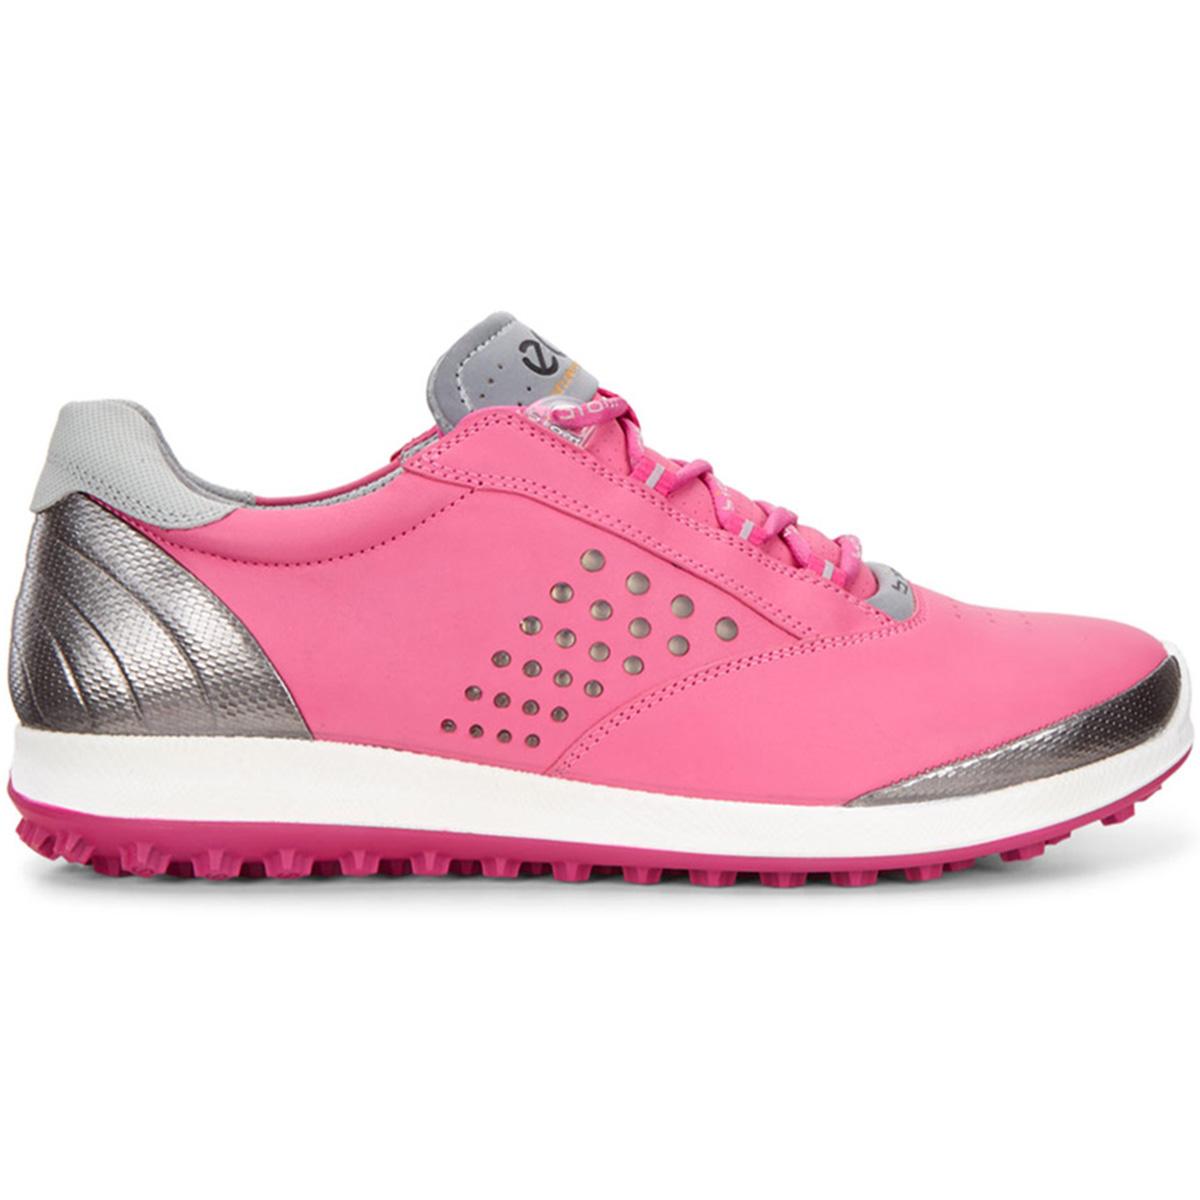 1b1f8584bf ECCO 2016 BIOM Hybrid 2 Spikeless Ladies Shoes